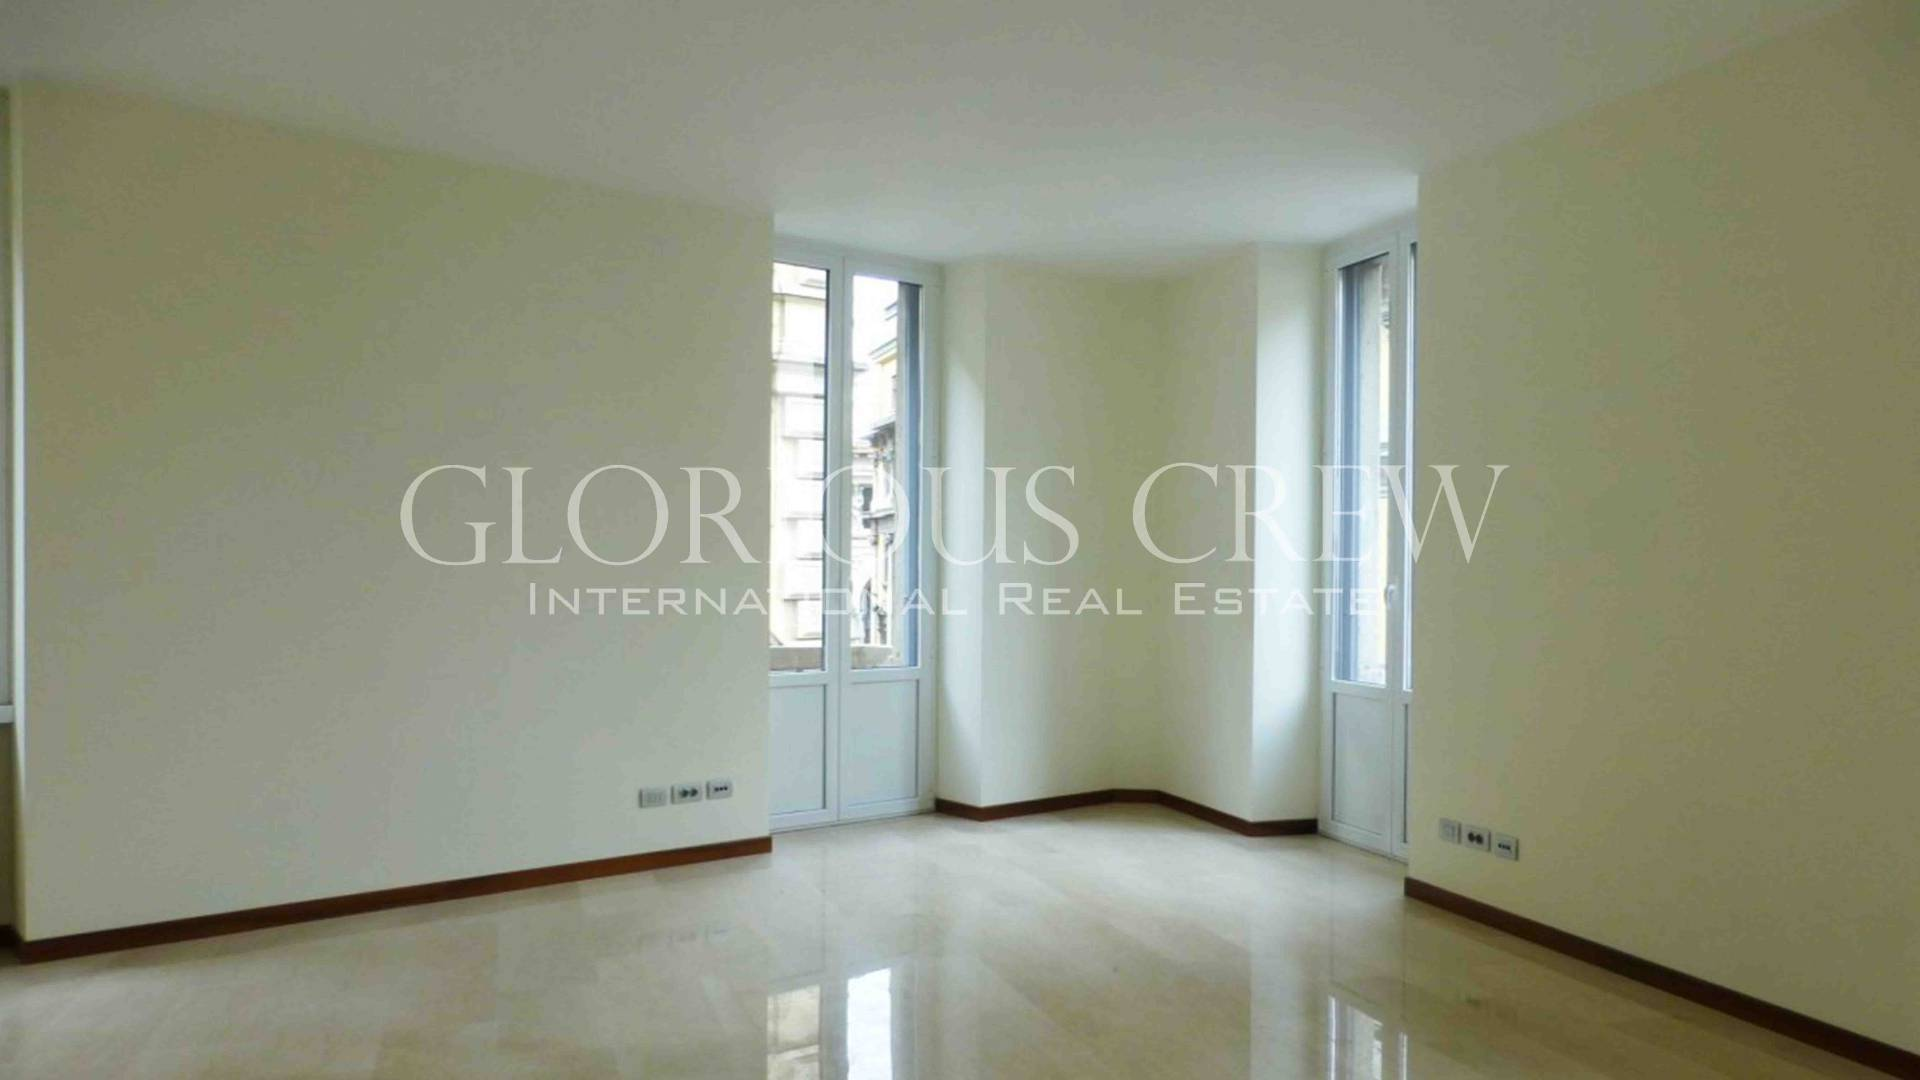 Ufficio-studio in Affitto a Milano 01 Centro storico (Cerchia dei Navigli): 5 locali, 142 mq